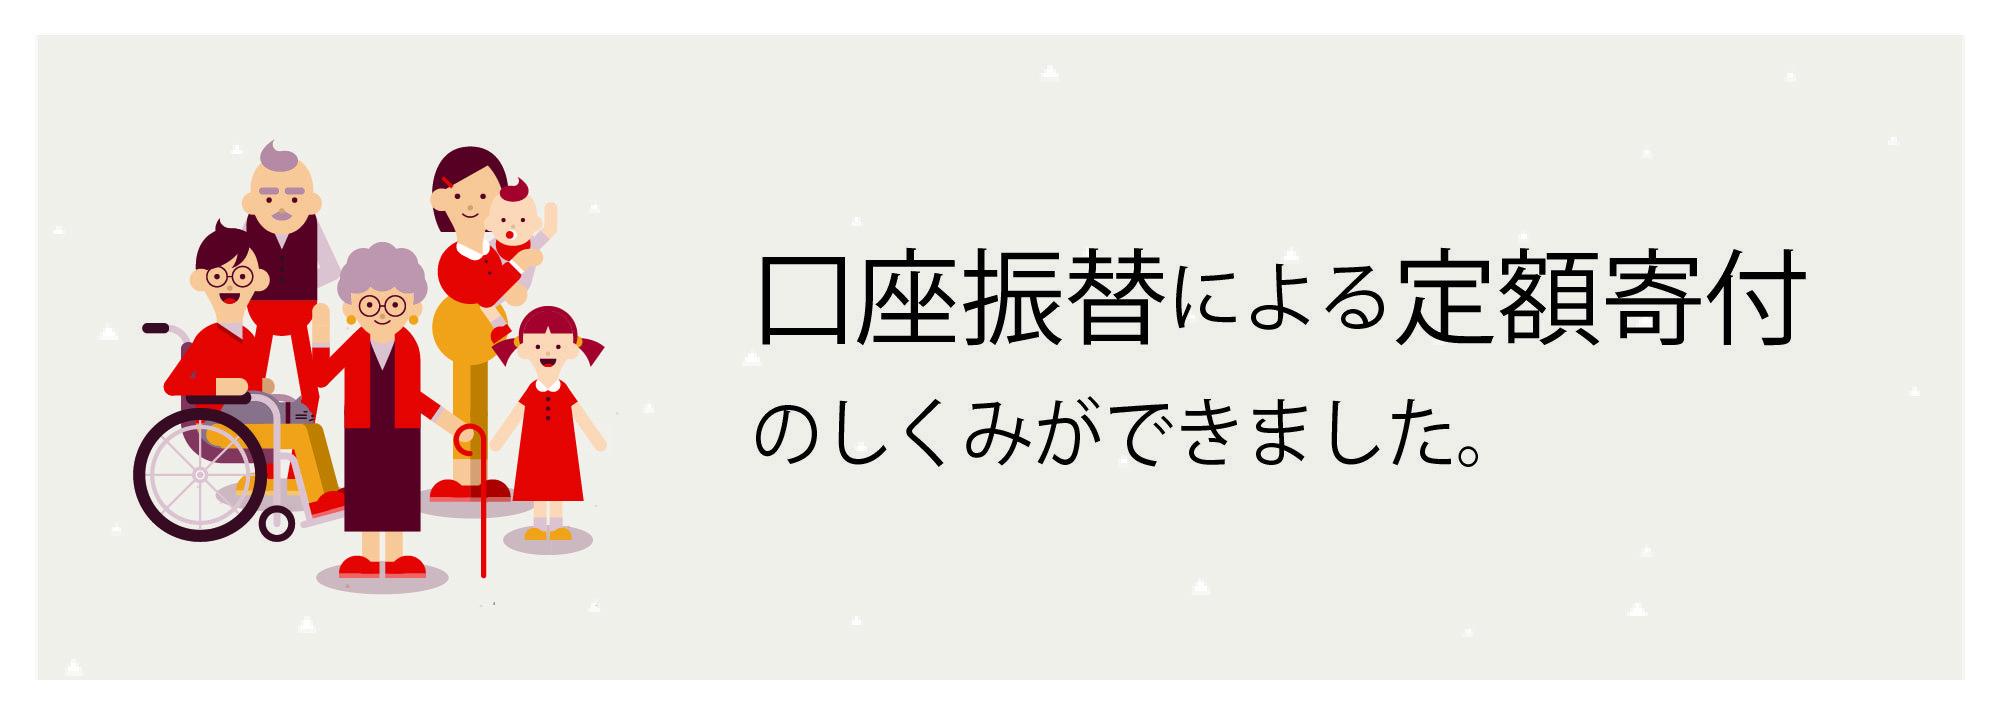 マンスリーのスライダー-01.jpg